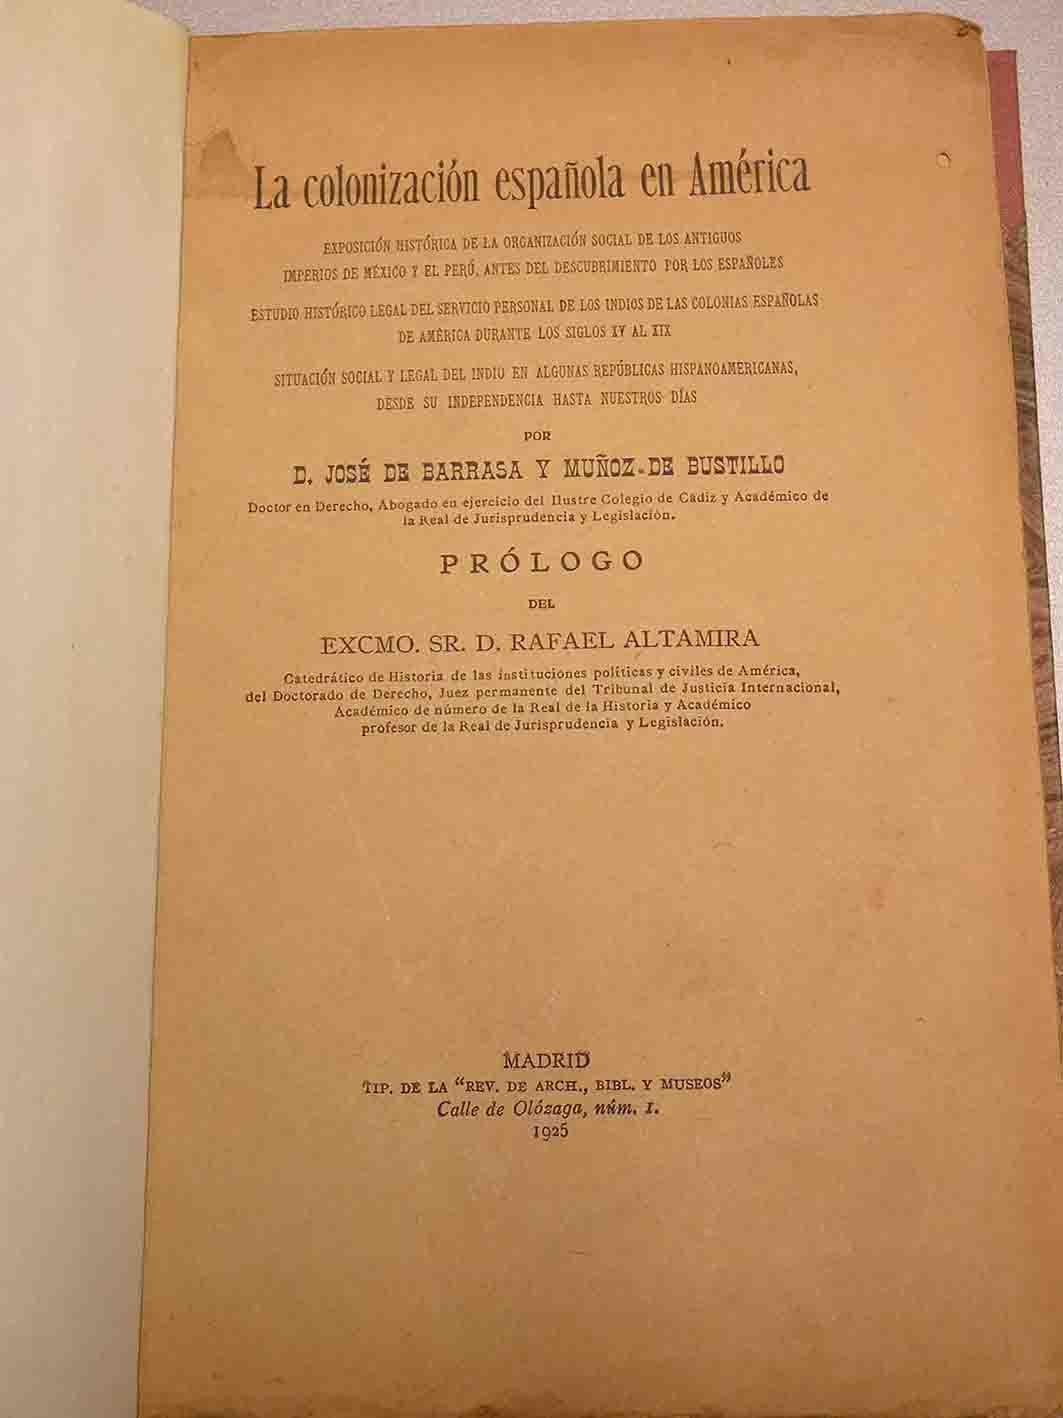 La colonización española en América. Prólogo del Excmo. Sr. D. Rafael Altamira: J. de Barrasa y Muñoz de Bustillo: Amazon.com: Books